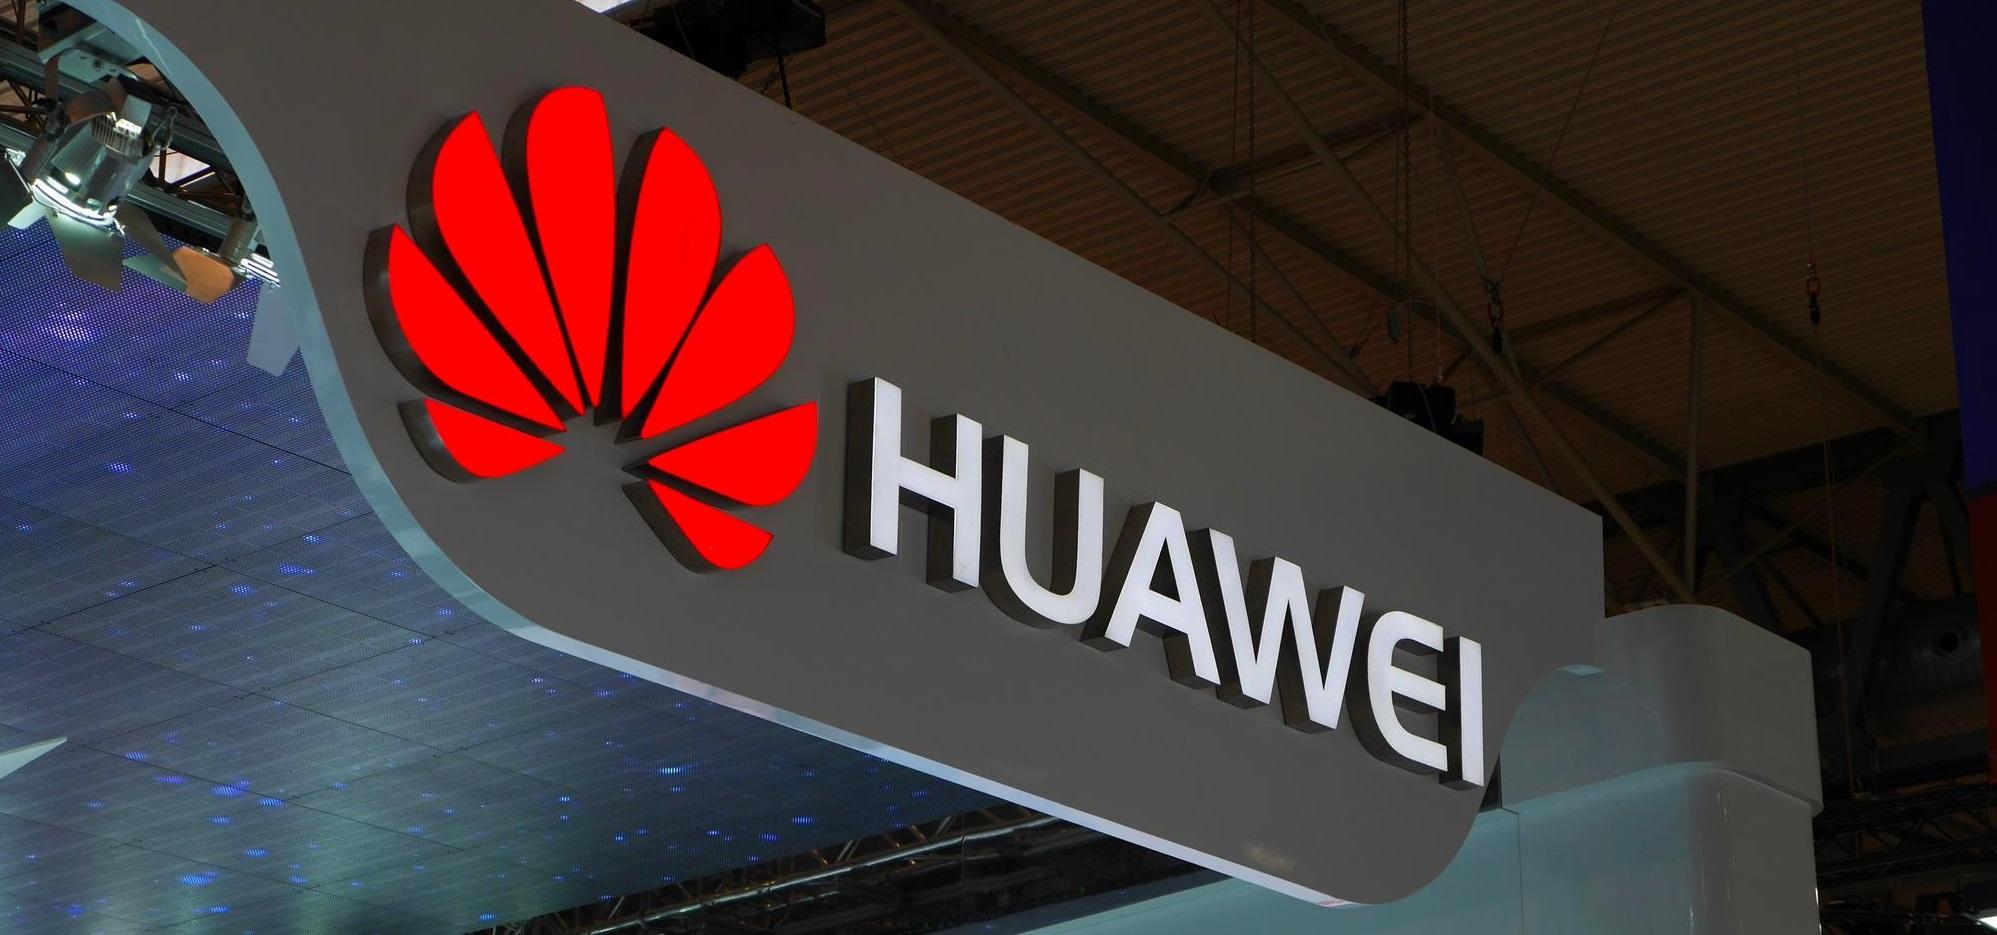 Huawei lanzará sus propios PCs, competirá con Microsoft y Apple